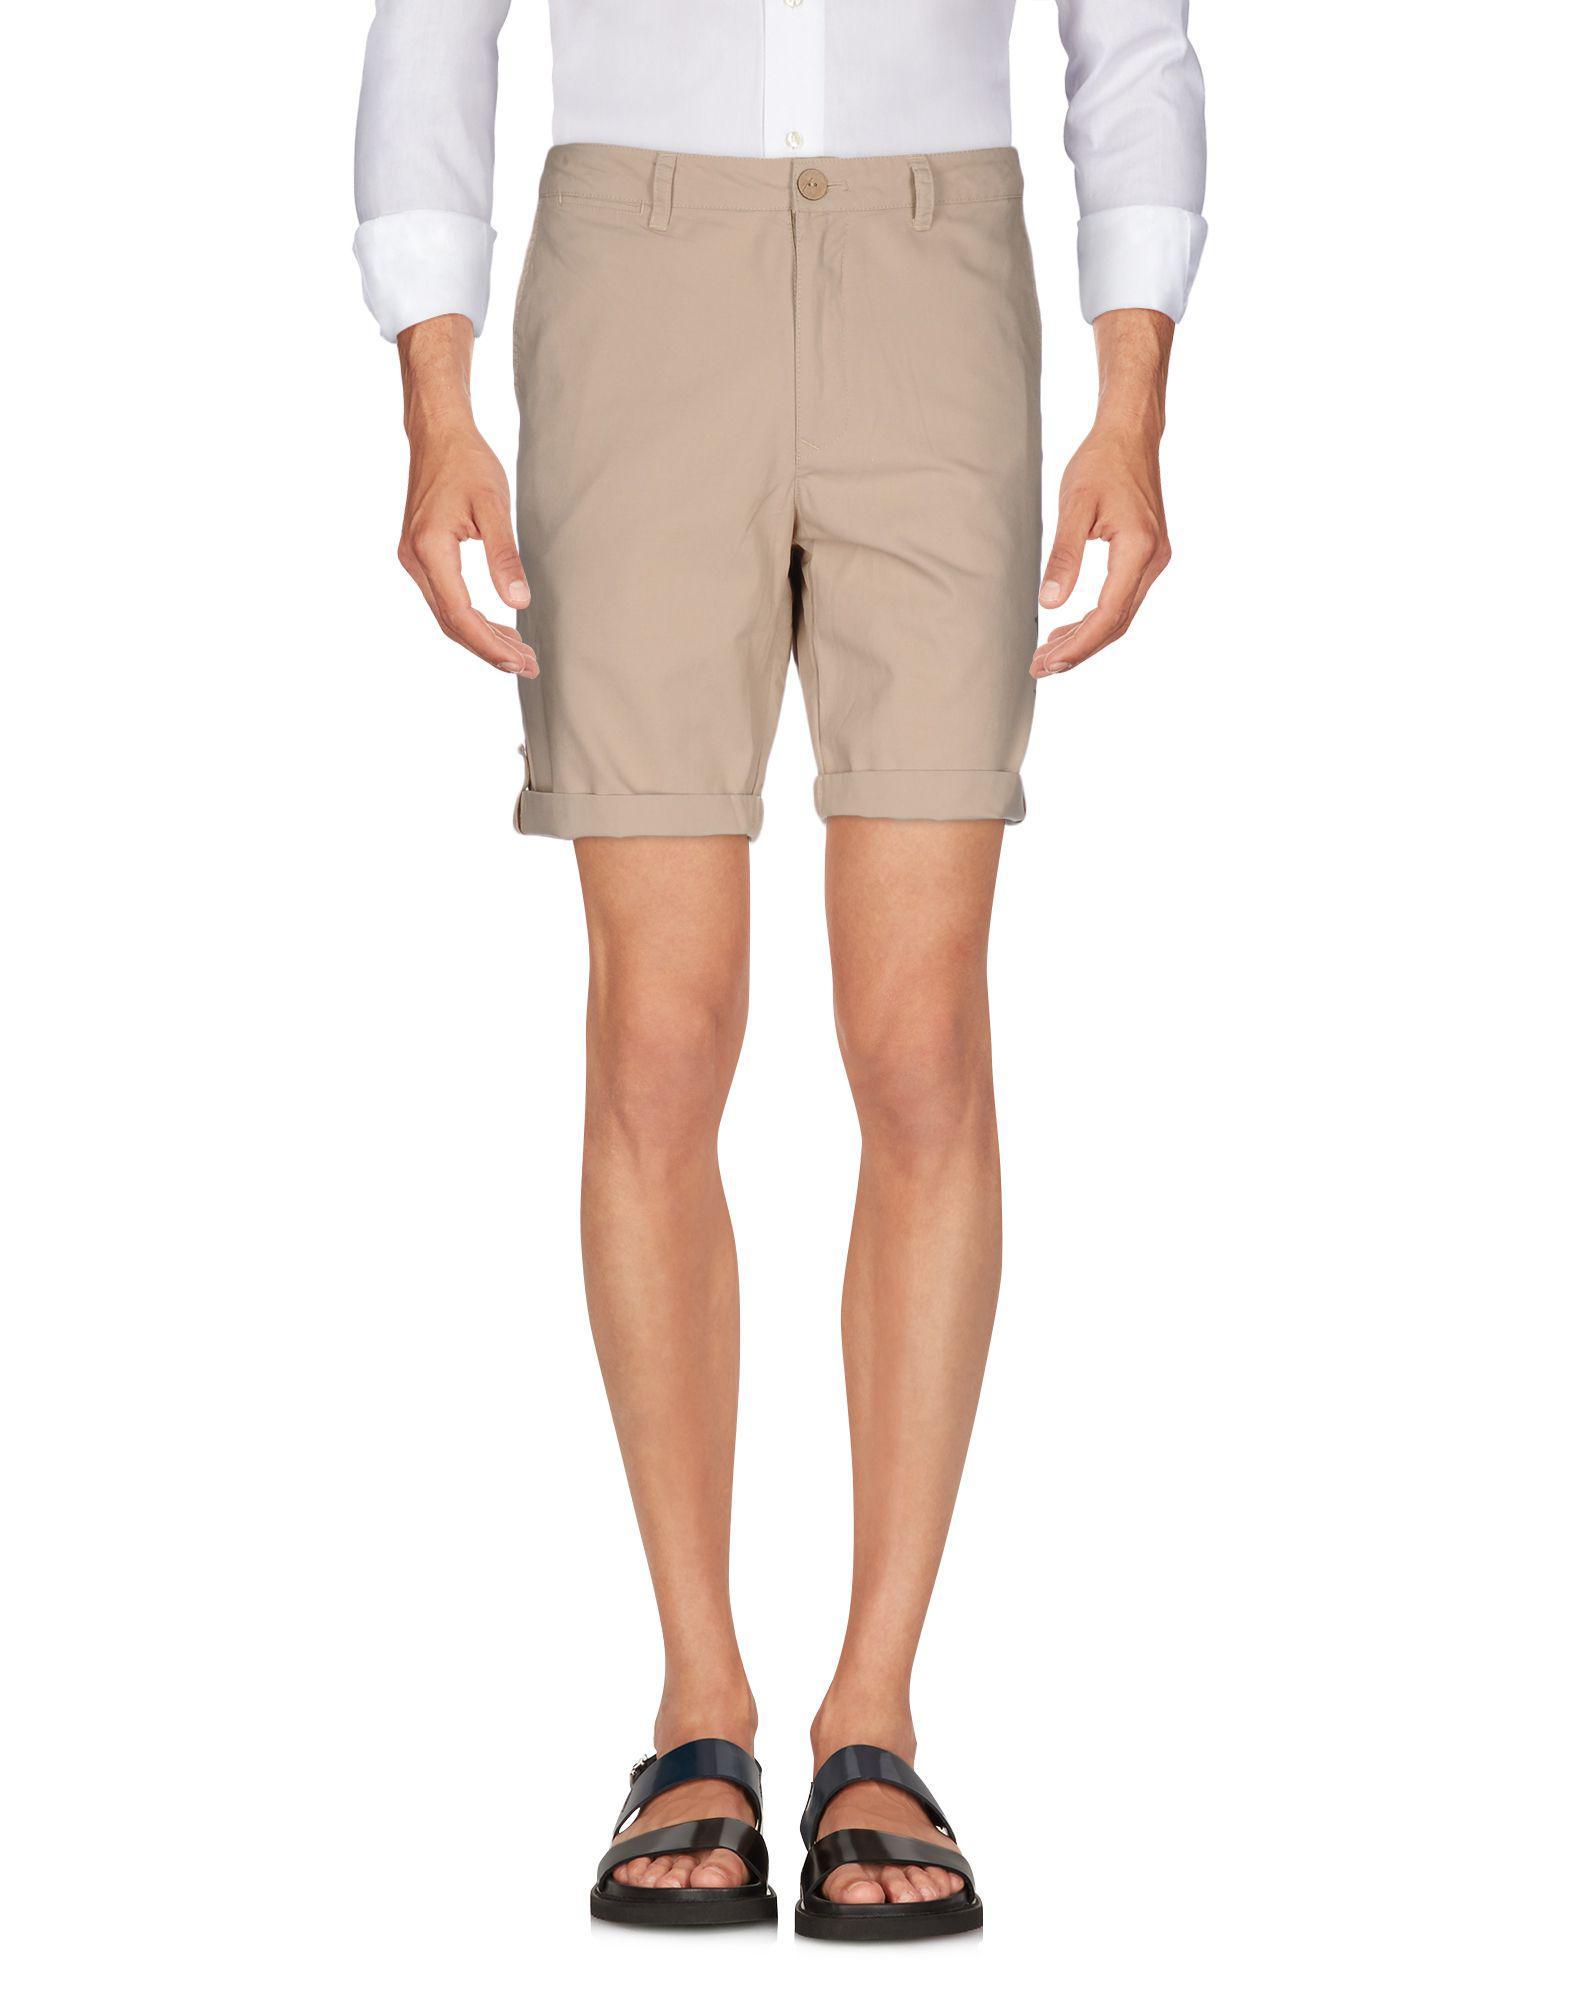 Pantalons - Bermudas Redsoul rfREtO